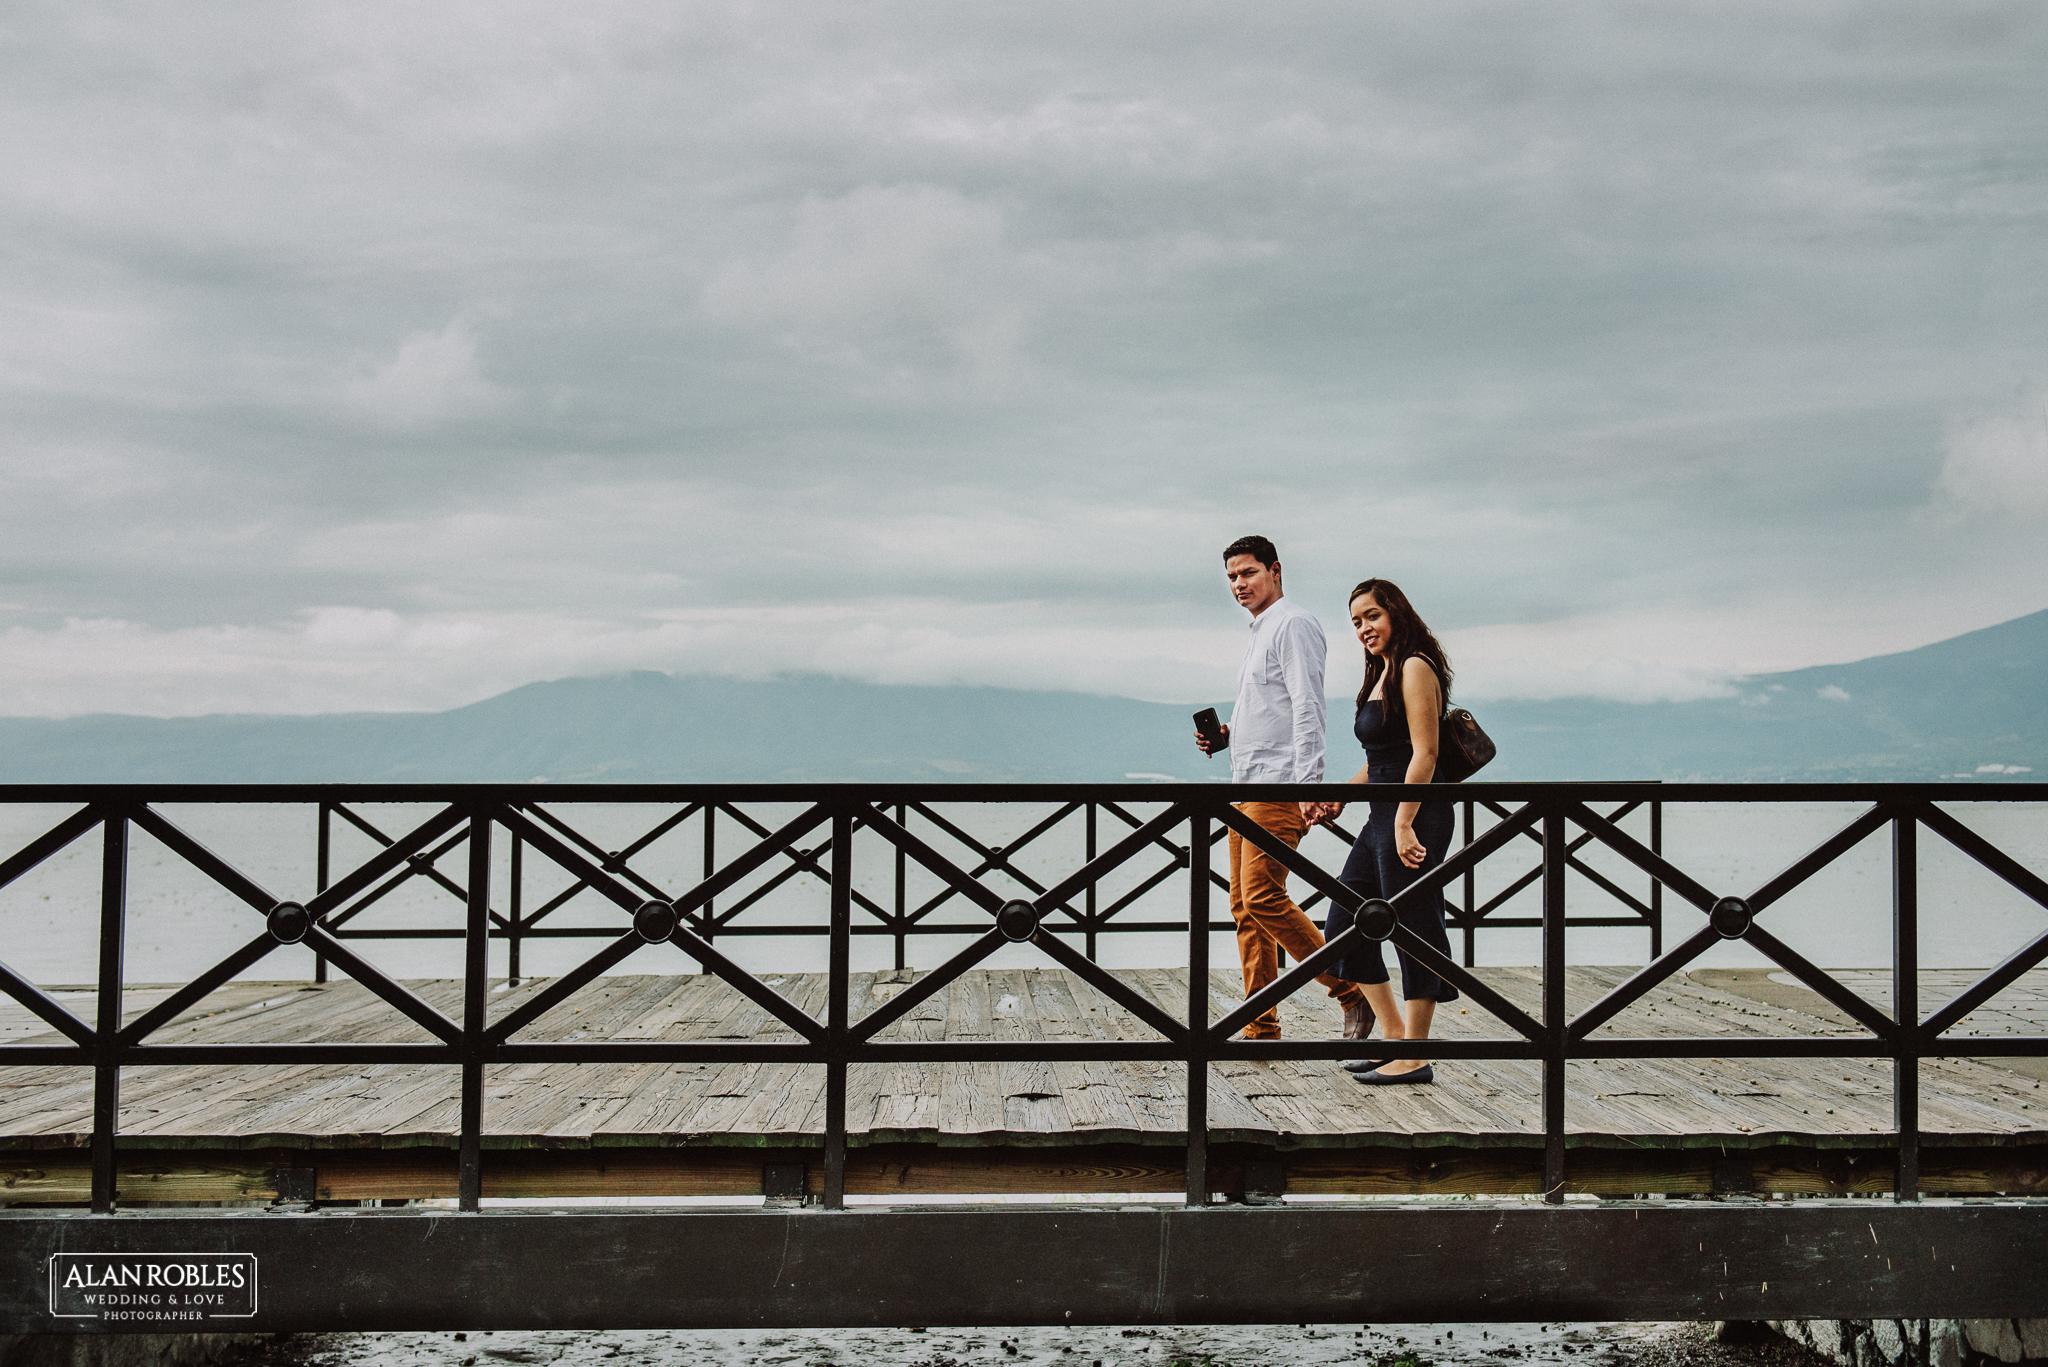 Sesion de fotos Preboda en Laguna de Chapala, Ajijic. Fotografia de bodas - Alan Robles Wedding & Love Photographer, Fotografo de bodas en Guadalajara. Fotos creativas para boda. Ideas para fotos de boda. Novios cruzando puente de ajijic.